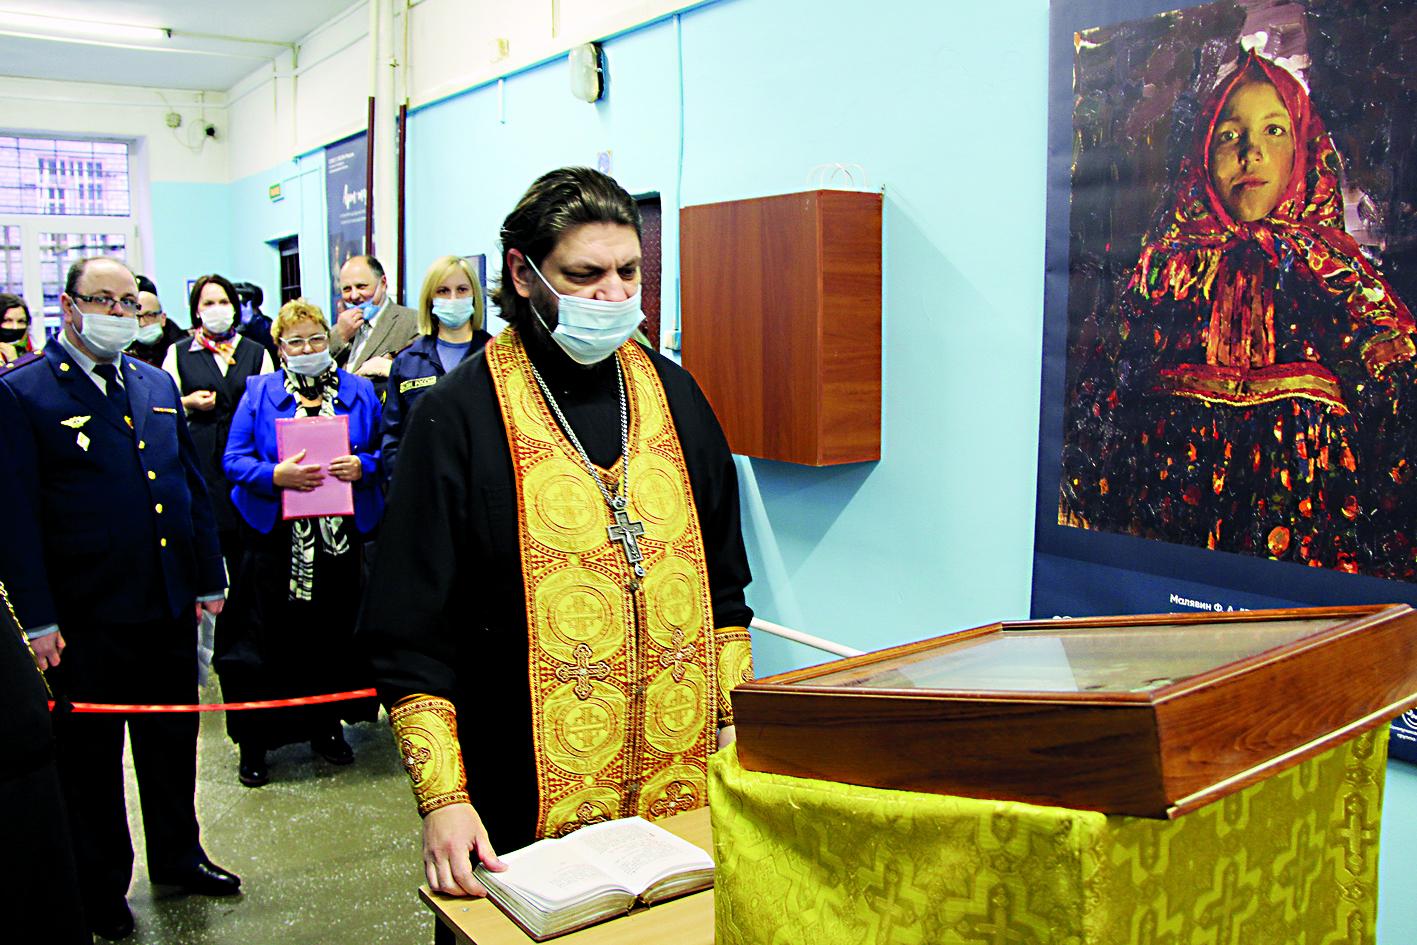 Протоиерей Олег Скоморох совершает молебен в день открытия экспозиции в СИЗО-5. 17 ноября 2020 года. Фото предоставлено организаторами